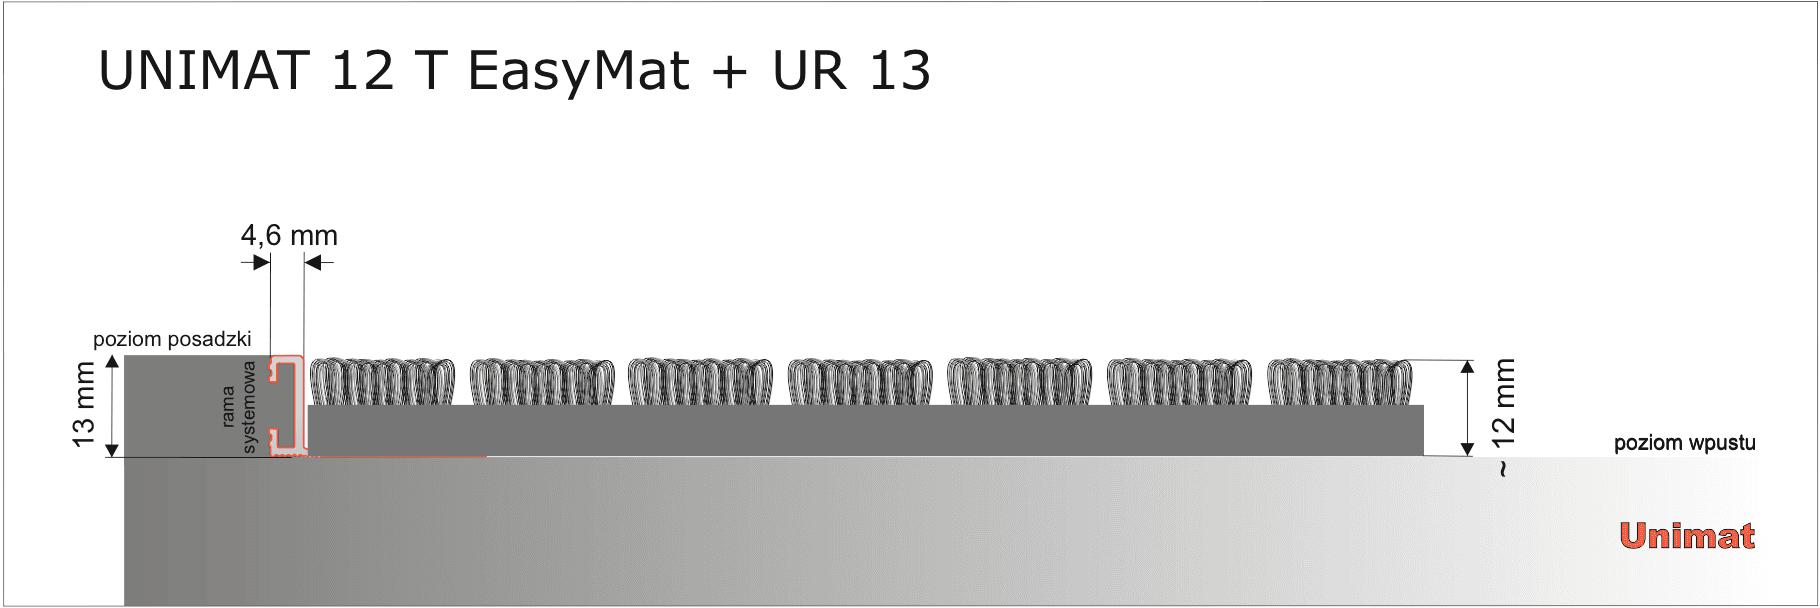 Uniumat CoCoMat 17+UR17.jpg